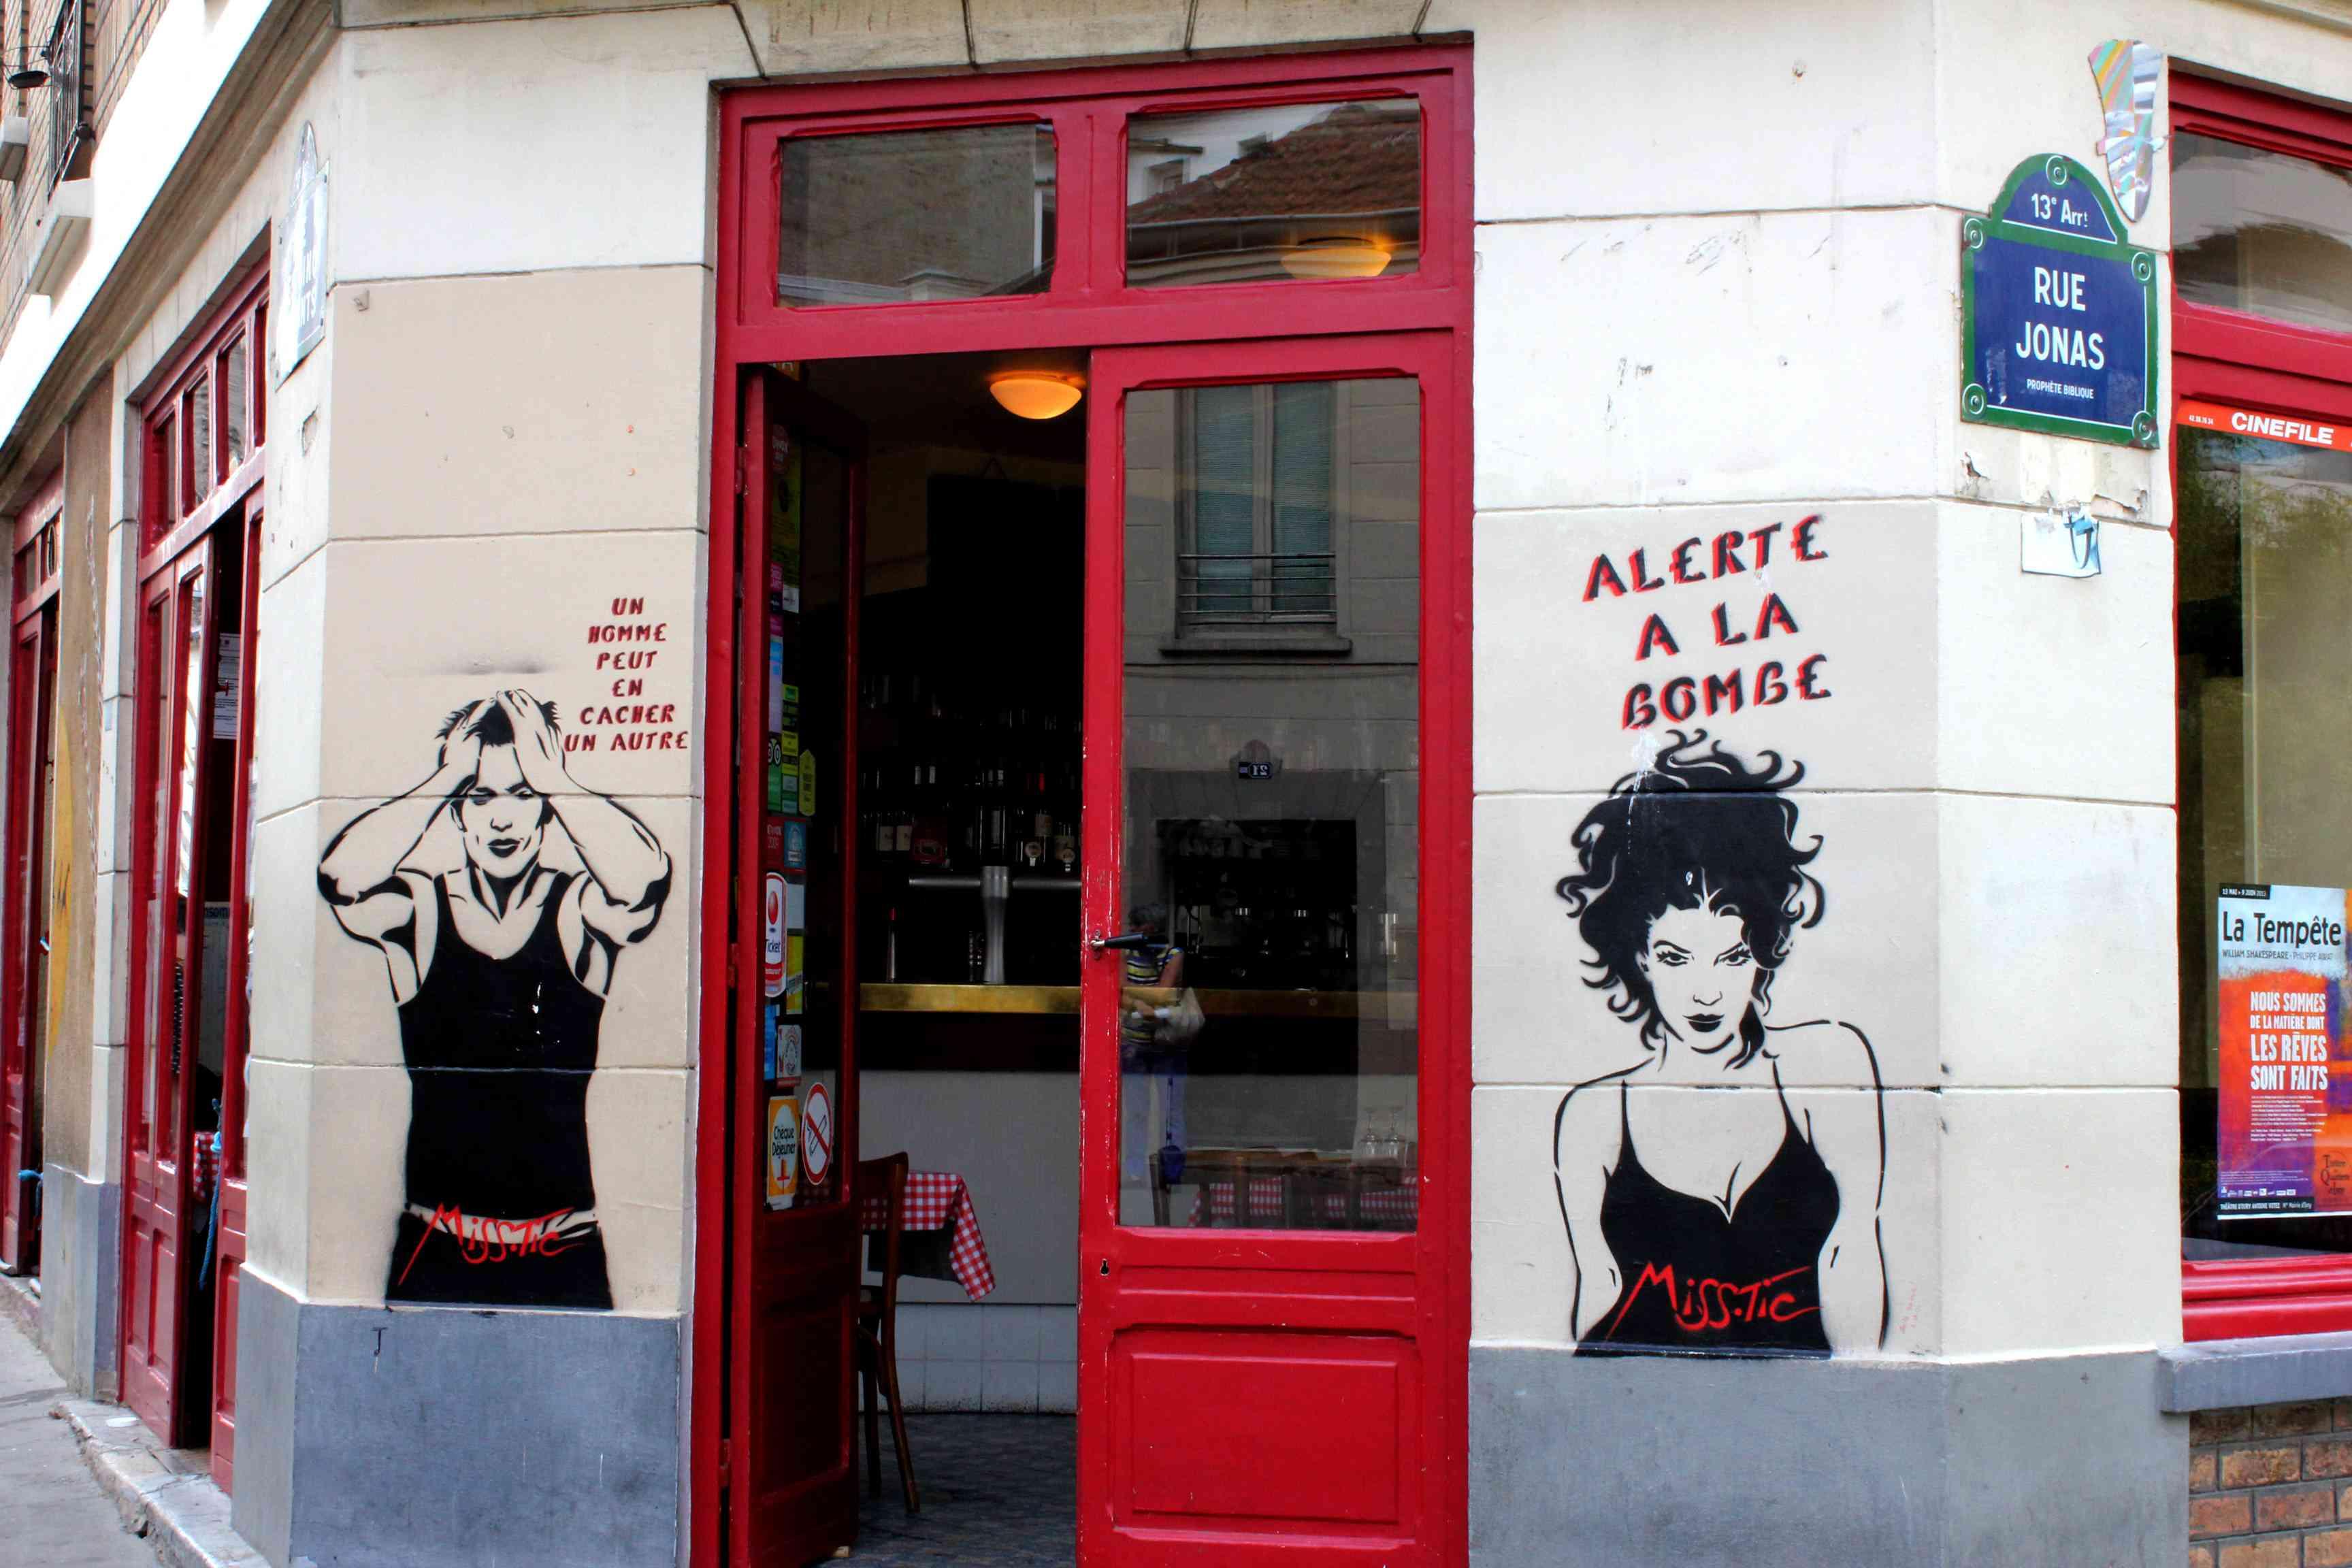 Miss Tic street artist in Paris, Butte aux Cailles